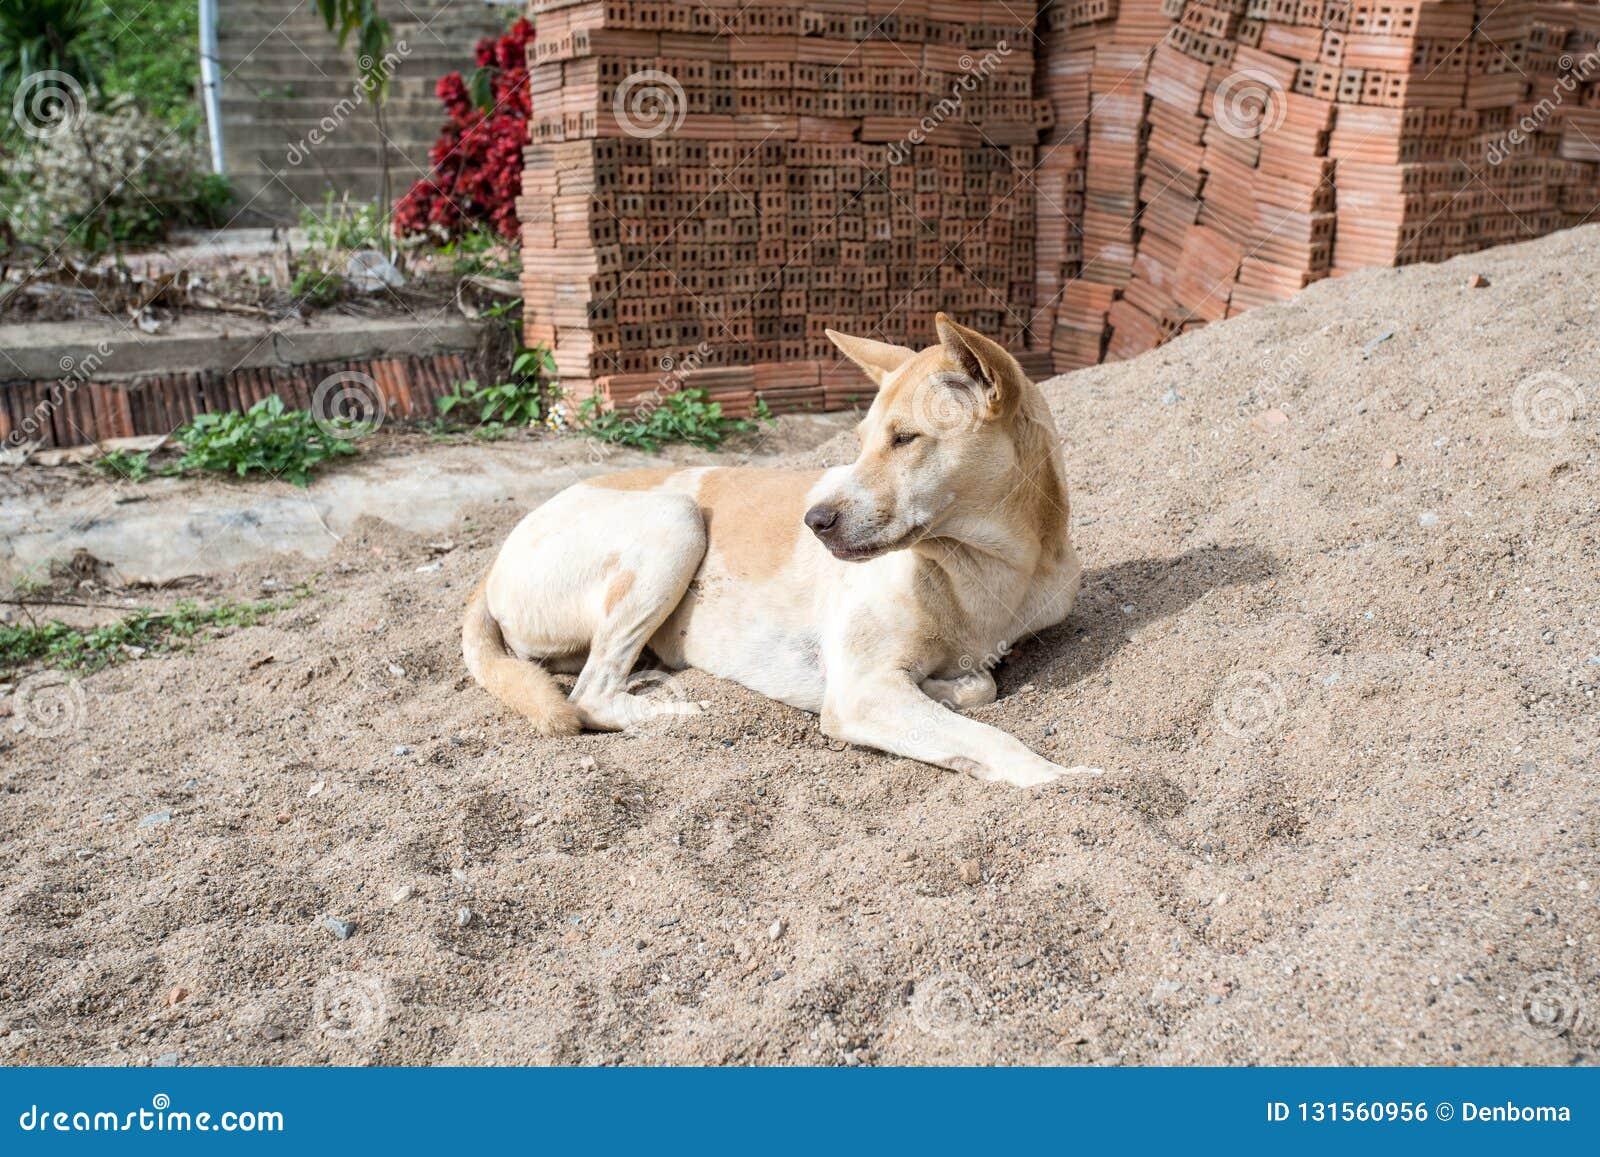 休息的狗在阳光下